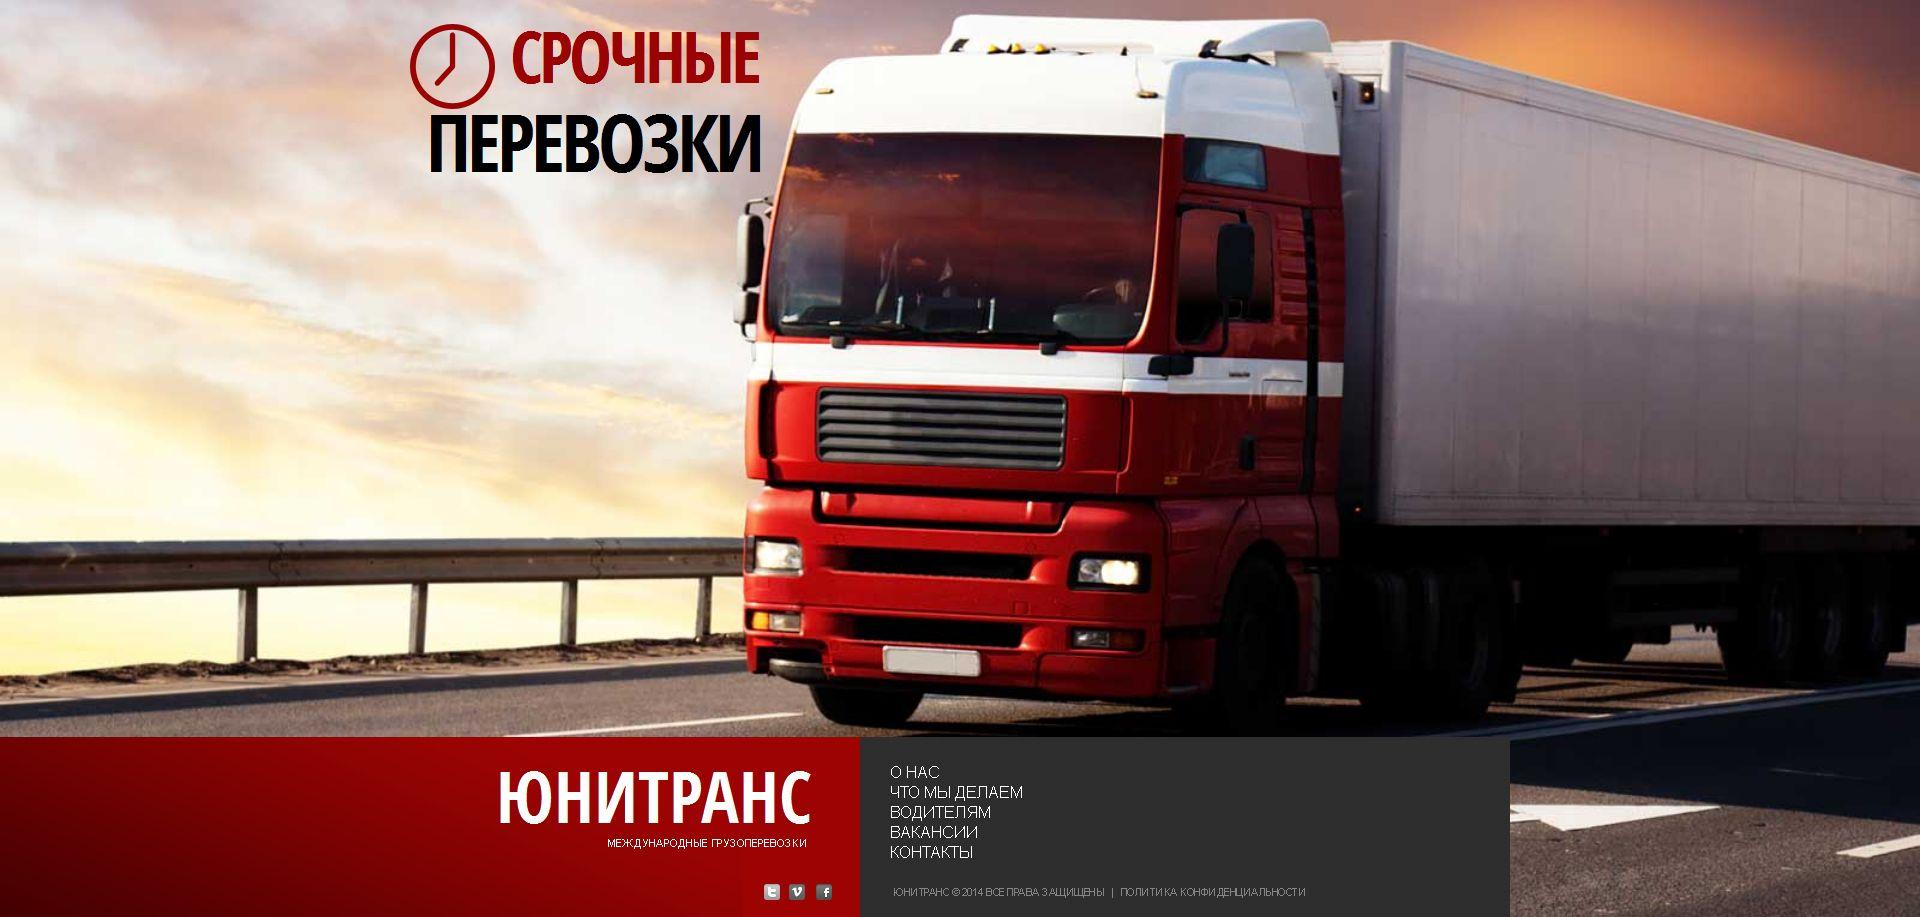 奖金Moto CMS HTML Template ru #50582 - 截图